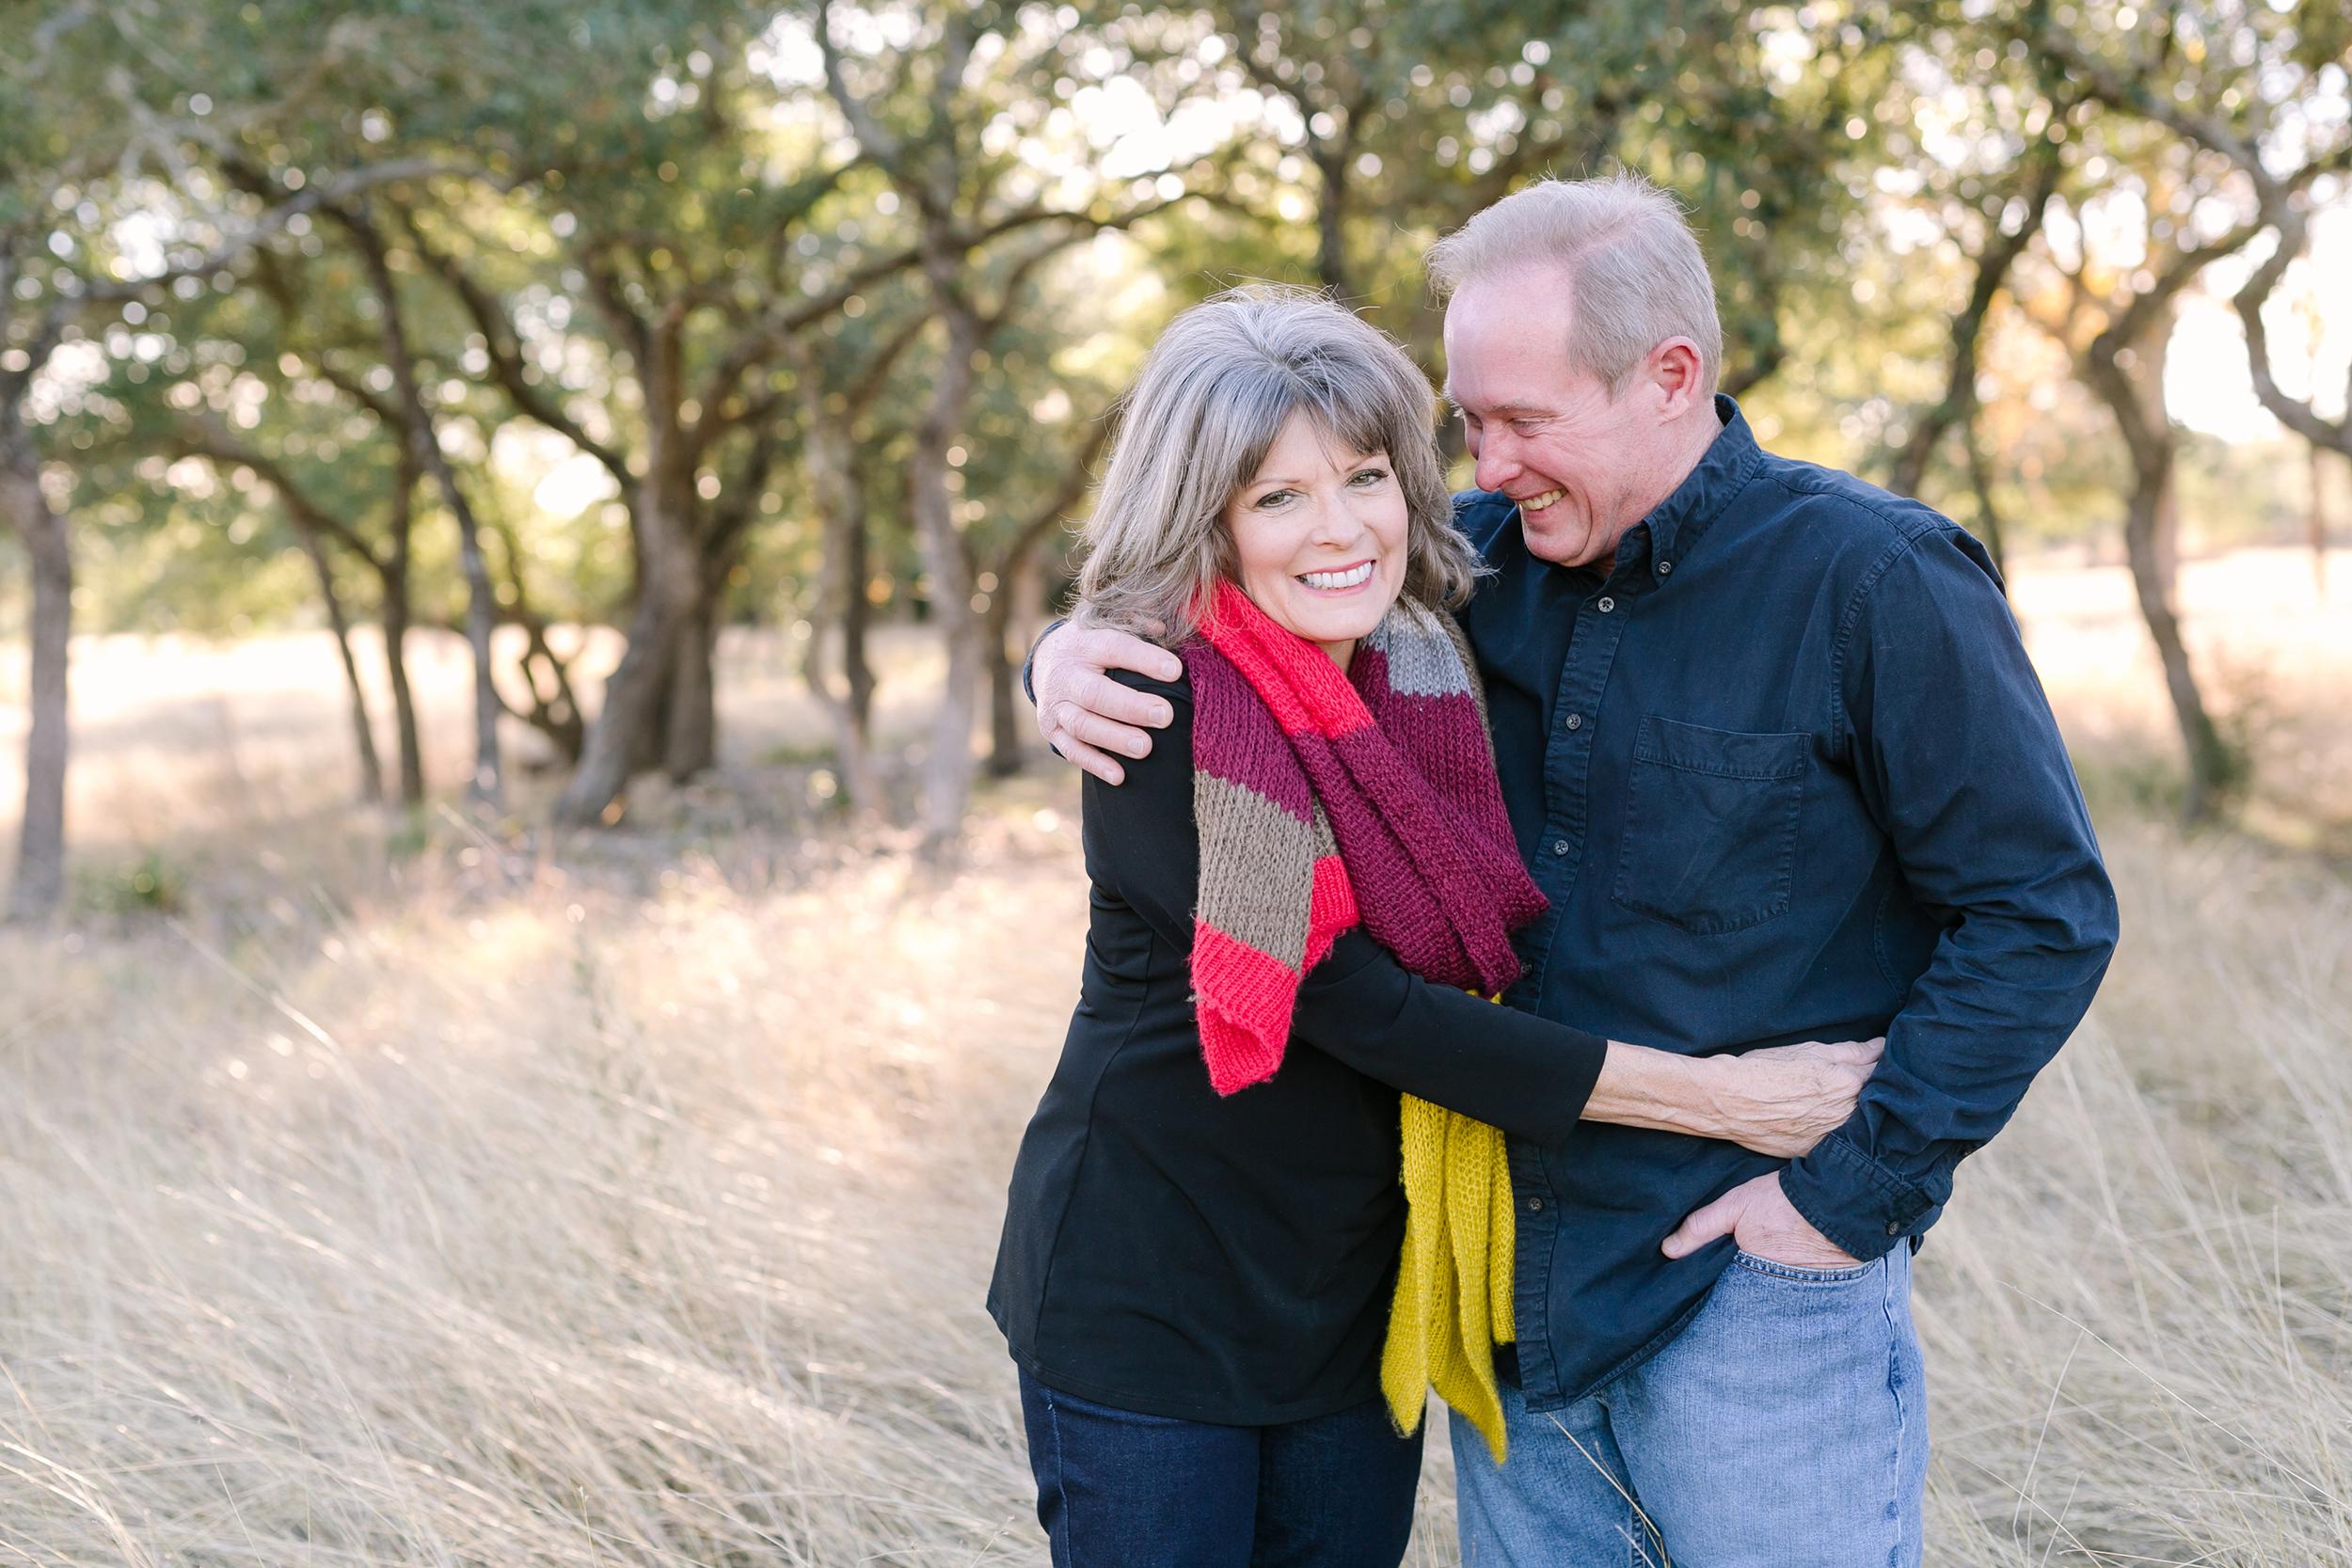 Austin_TX_Family_Photographer_KBP081.jpg